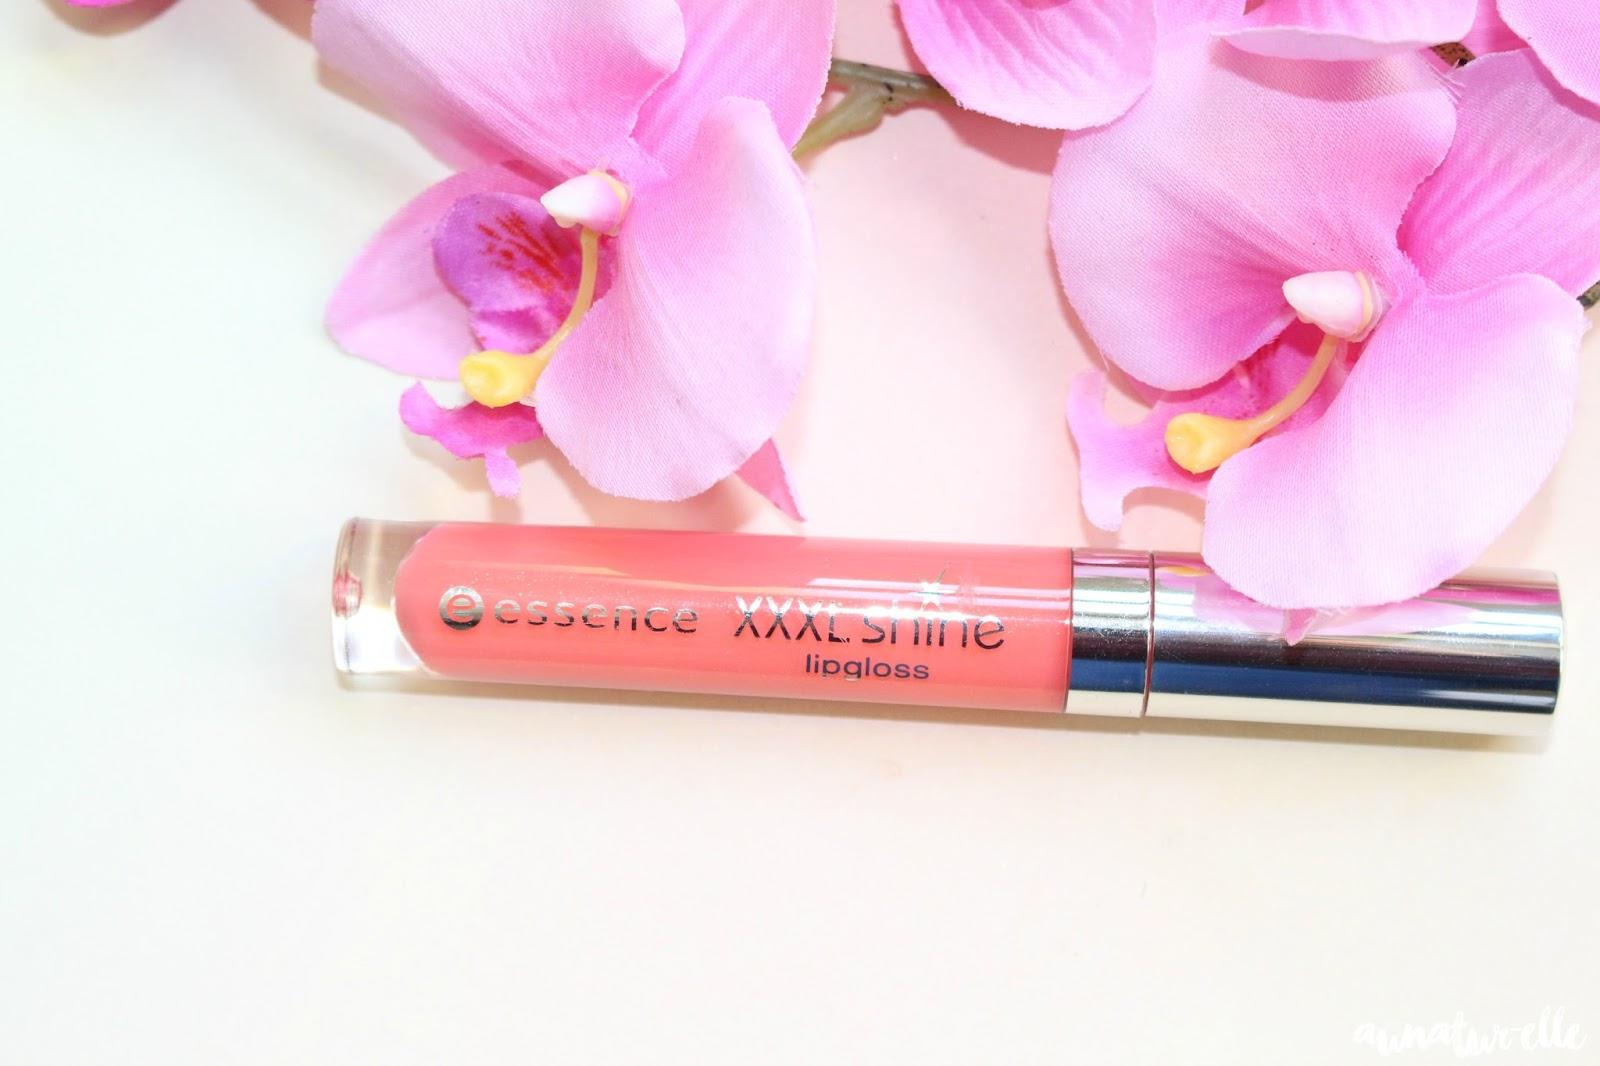 Comment Faire La Couleur Saumon msc - un maquillage lumineux avec la couleur saumon